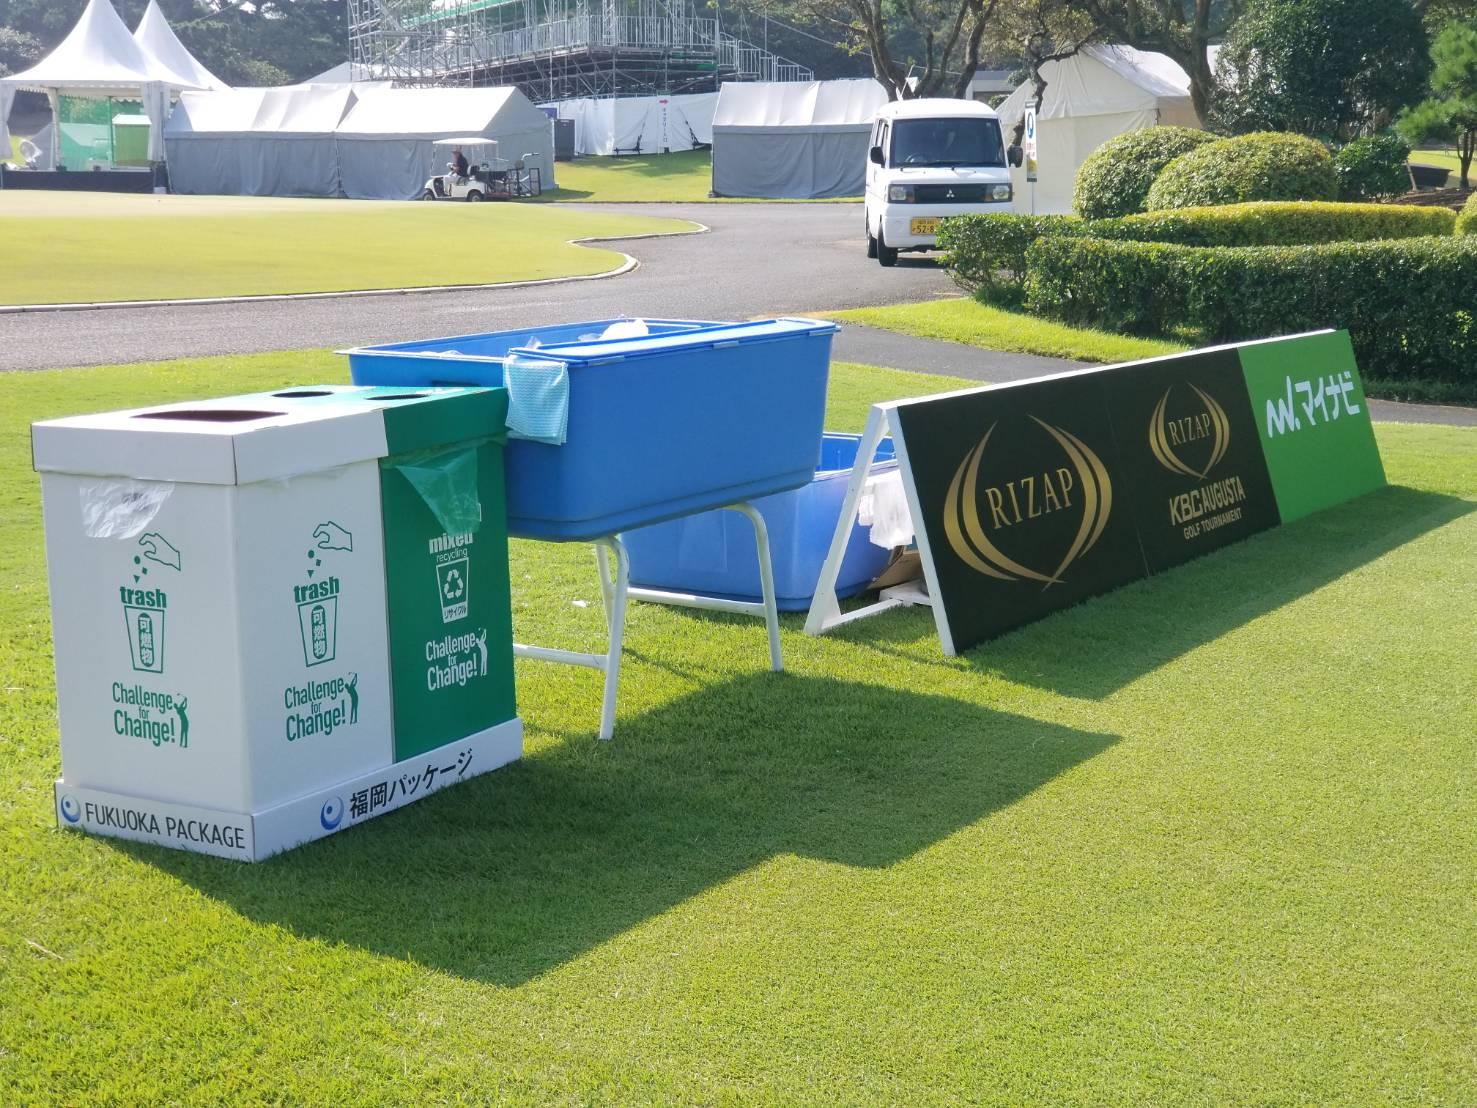 KBCオーガスタ ゴルフトーナメントにて福岡パッケージプロデュースの「段ボールゴミ箱」が採用されました!のイメージ